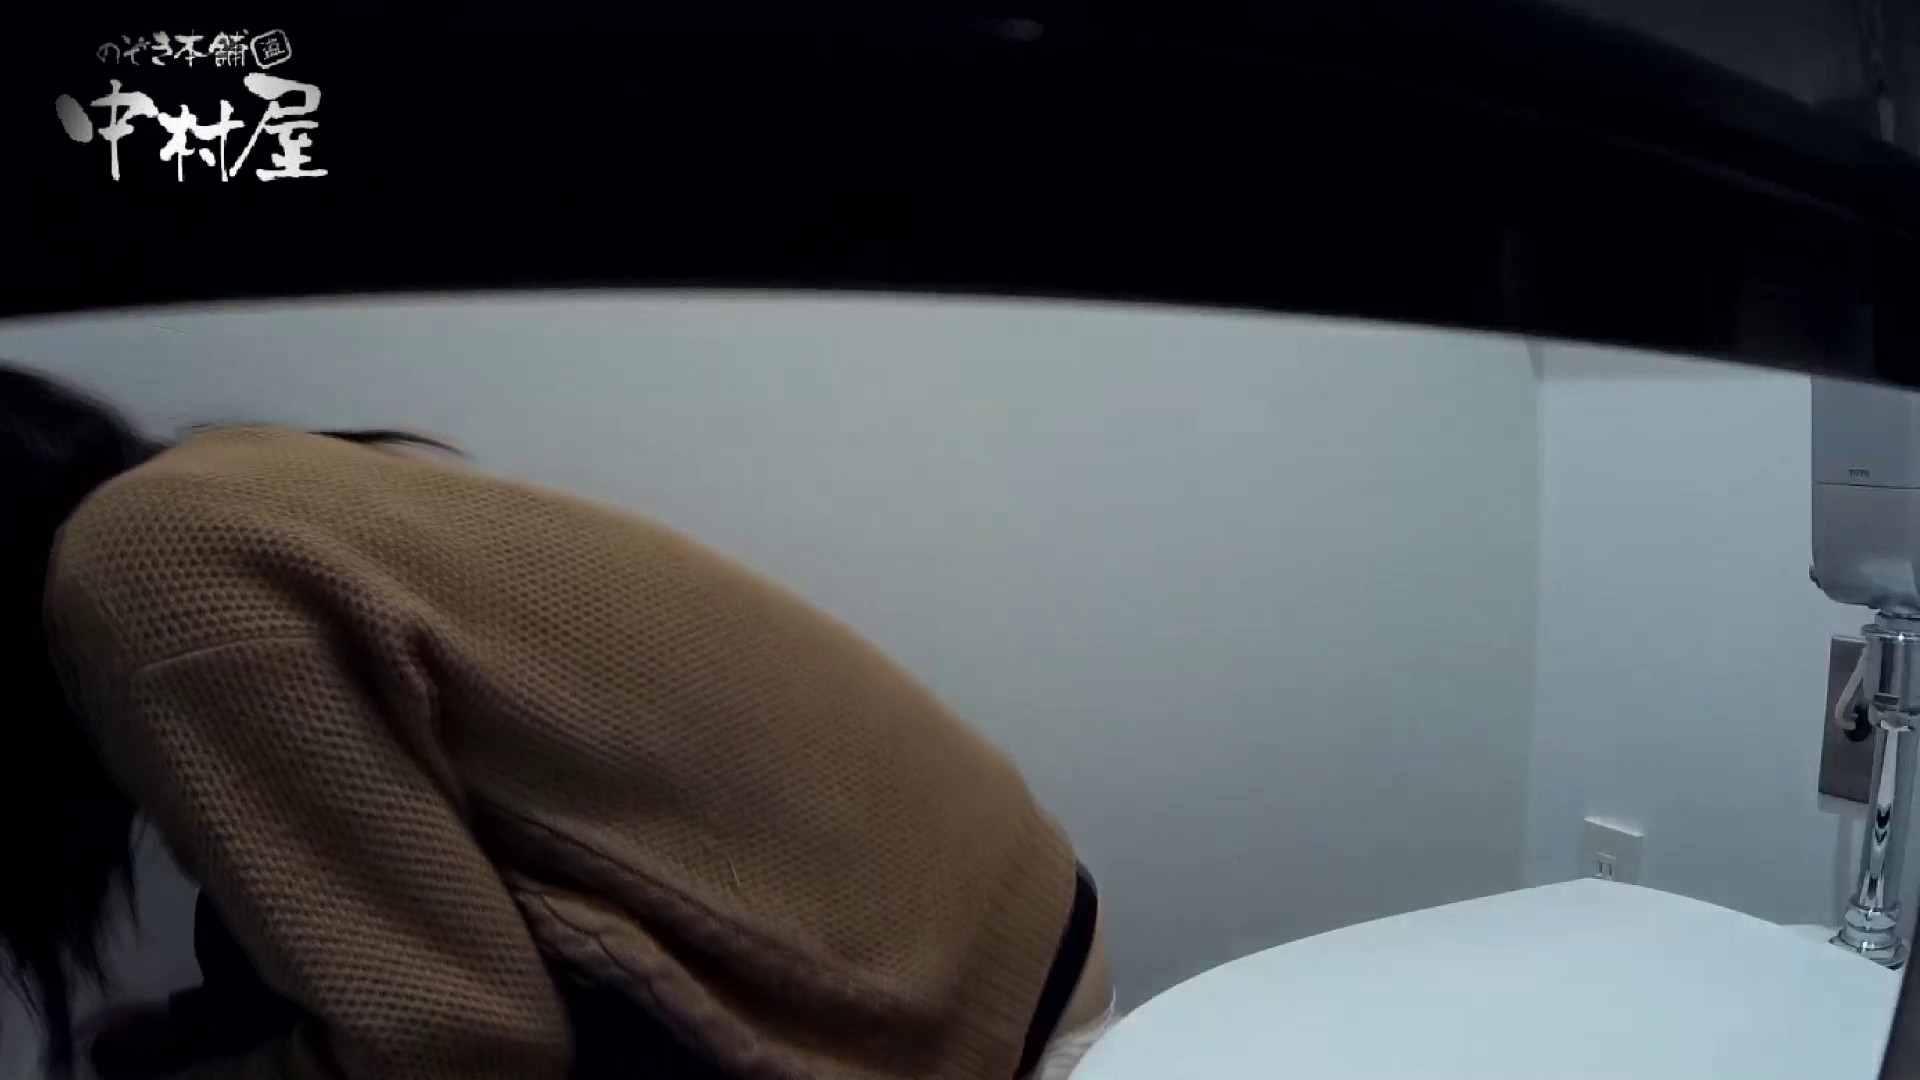 有名大学女性洗面所 vol.54 設置撮影最高峰!! 3視点でじっくり観察 0 | 0  65pic 33